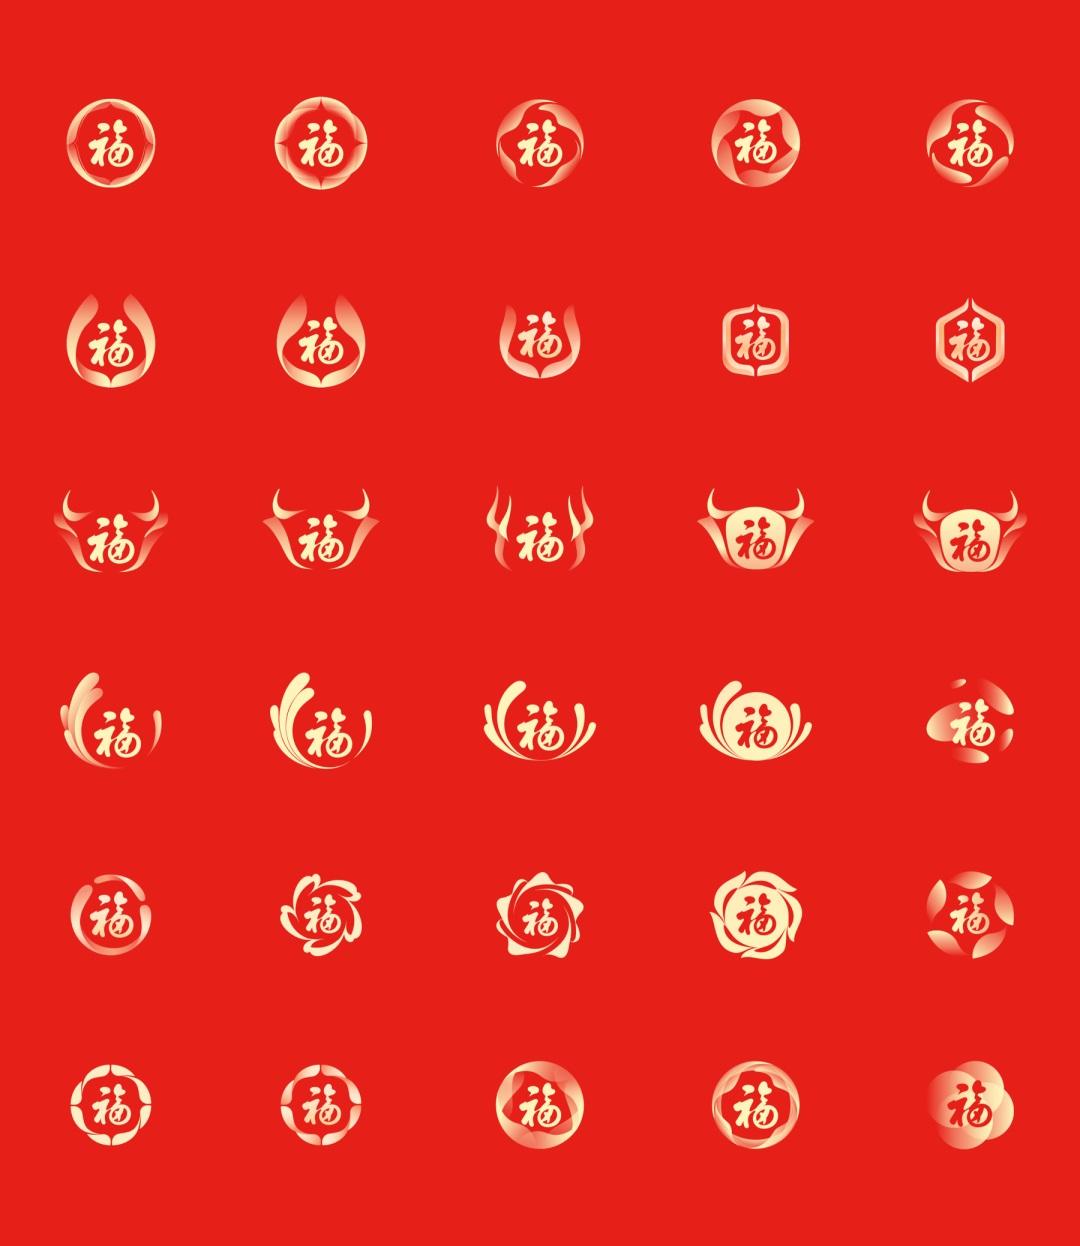 拿到钱了?来看看 2021 年度集五福品牌设计复盘